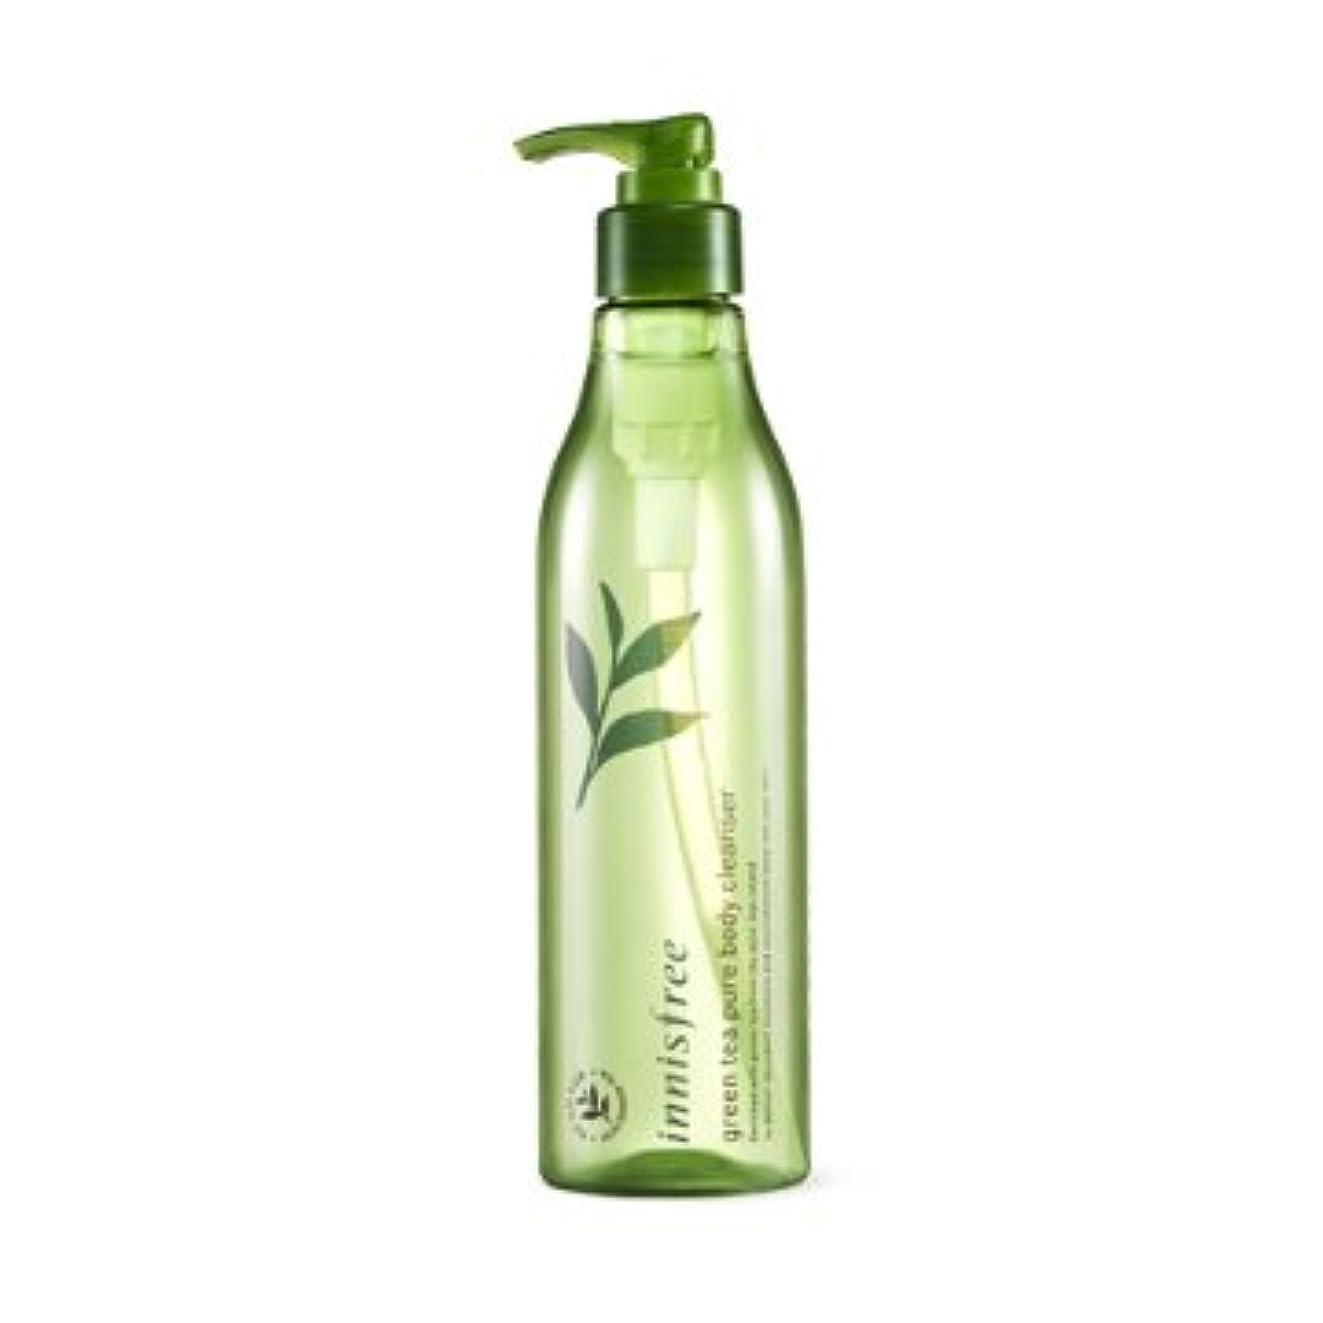 本気いたずら観察する【イニスフリー】Innisfree green tea pure body cleanser - 300ml (韓国直送品) (SHOPPINGINSTAGRAM)